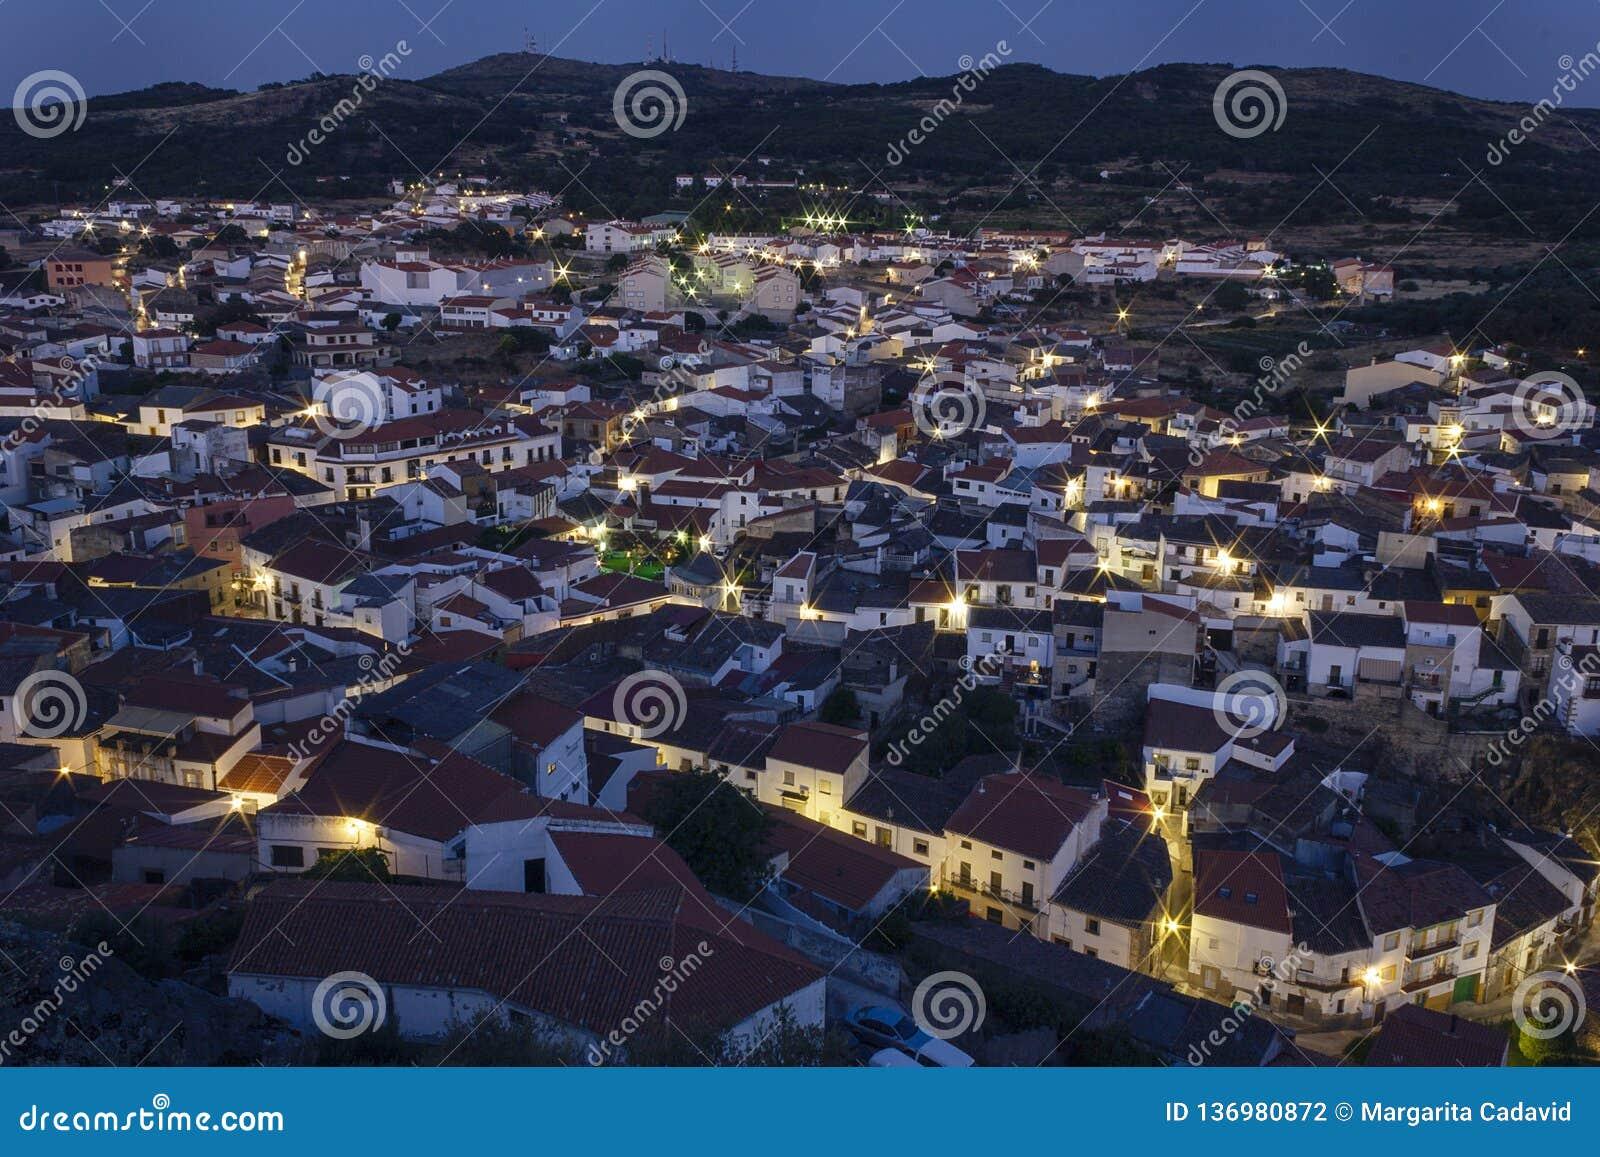 Zmierzch nad małym miasteczkiem Montanchez